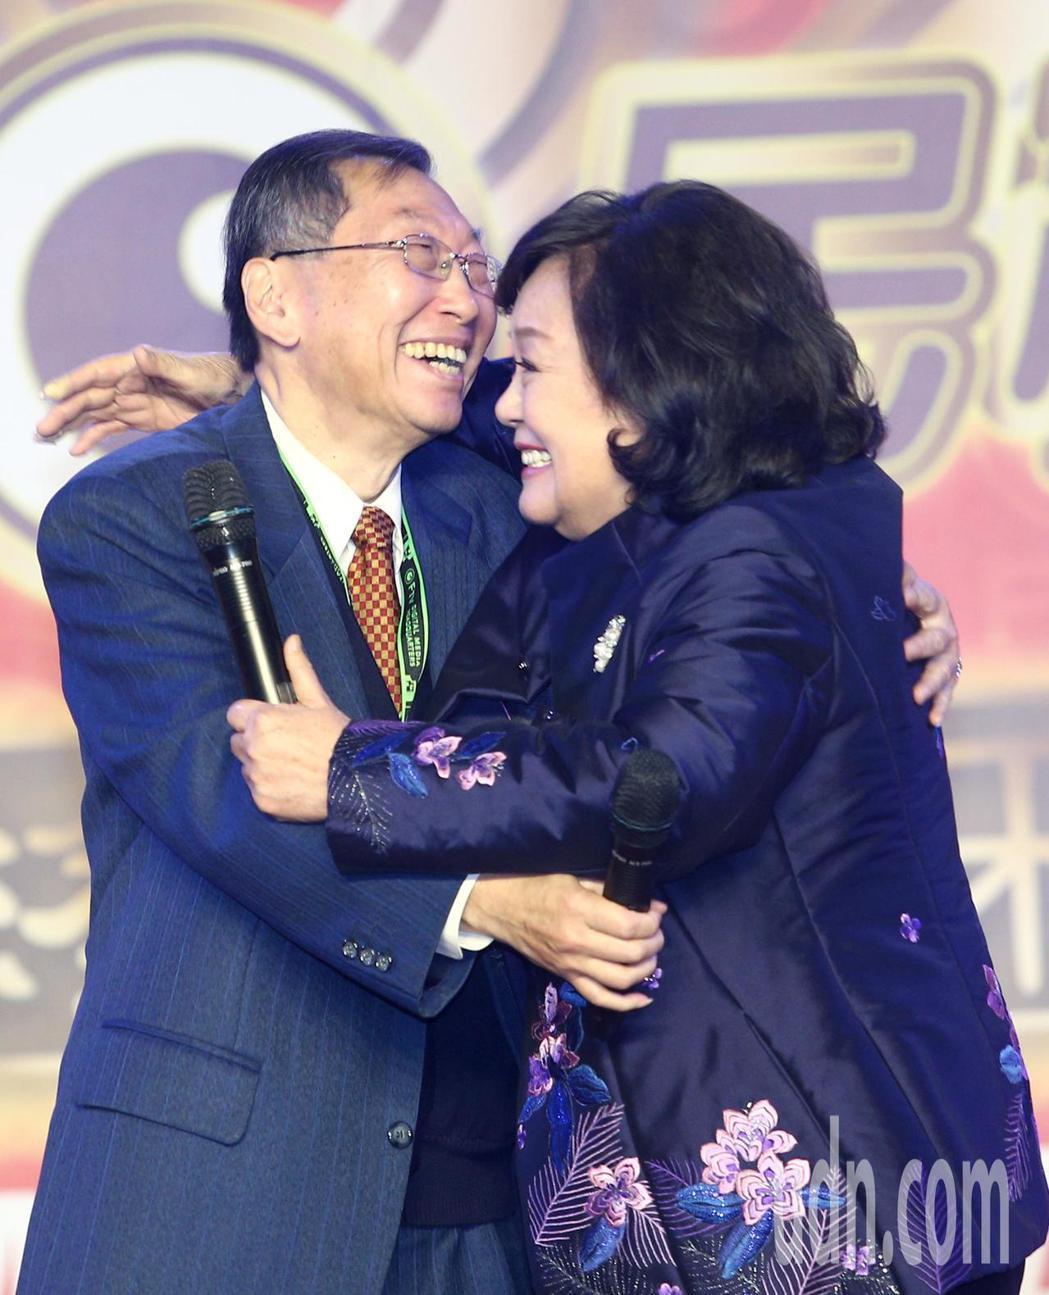 民視董事長王明玉(右)晚上民視尾牙的台上深深一抱總經理廖季方(左),感謝他一起帶...